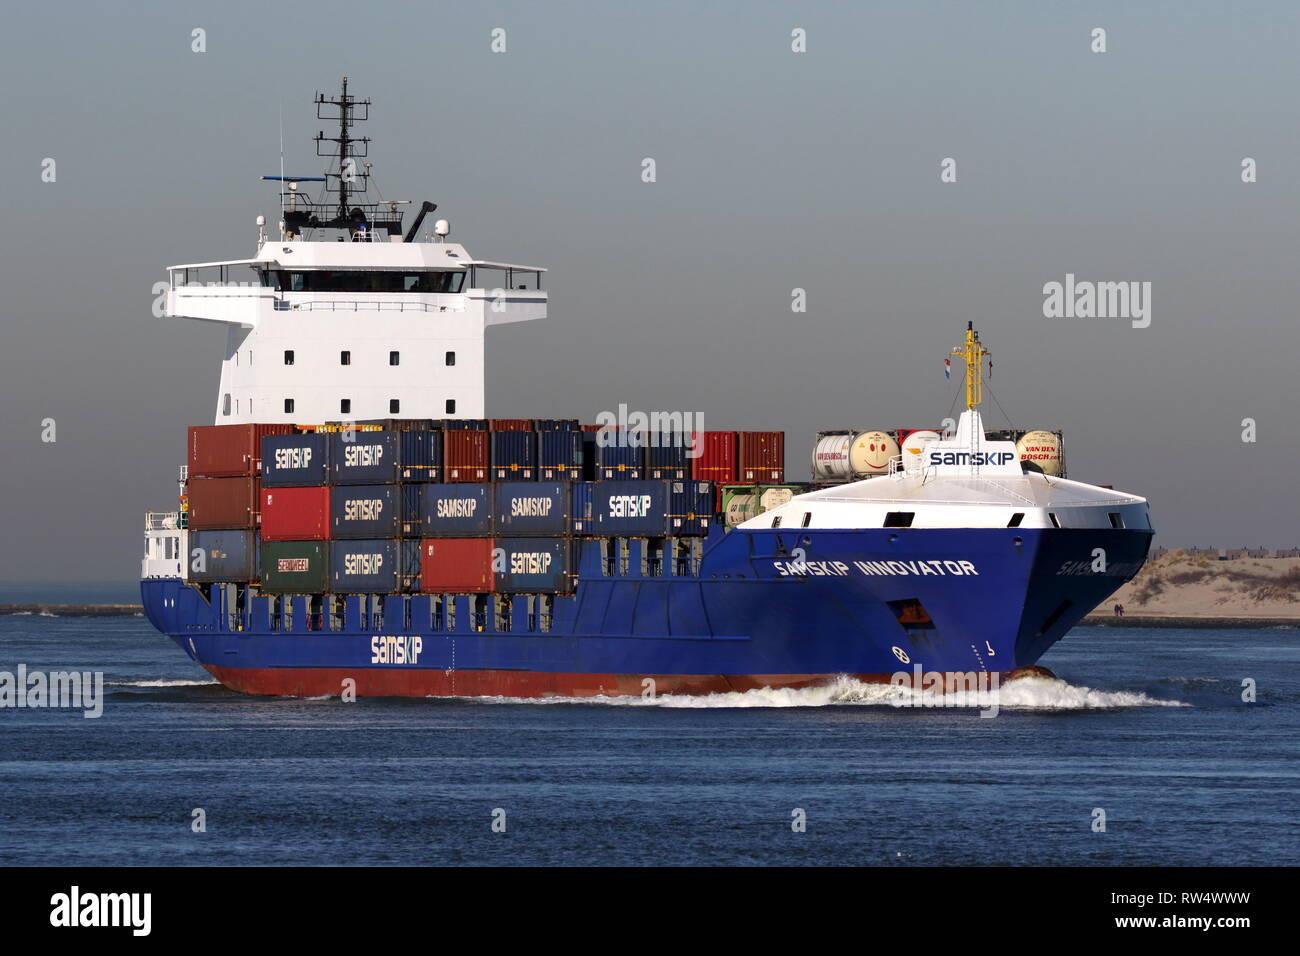 Das containerschiff Samskip Innovator erreicht den Hafen von Rotterdam am 15. Februar 2019. Stockbild